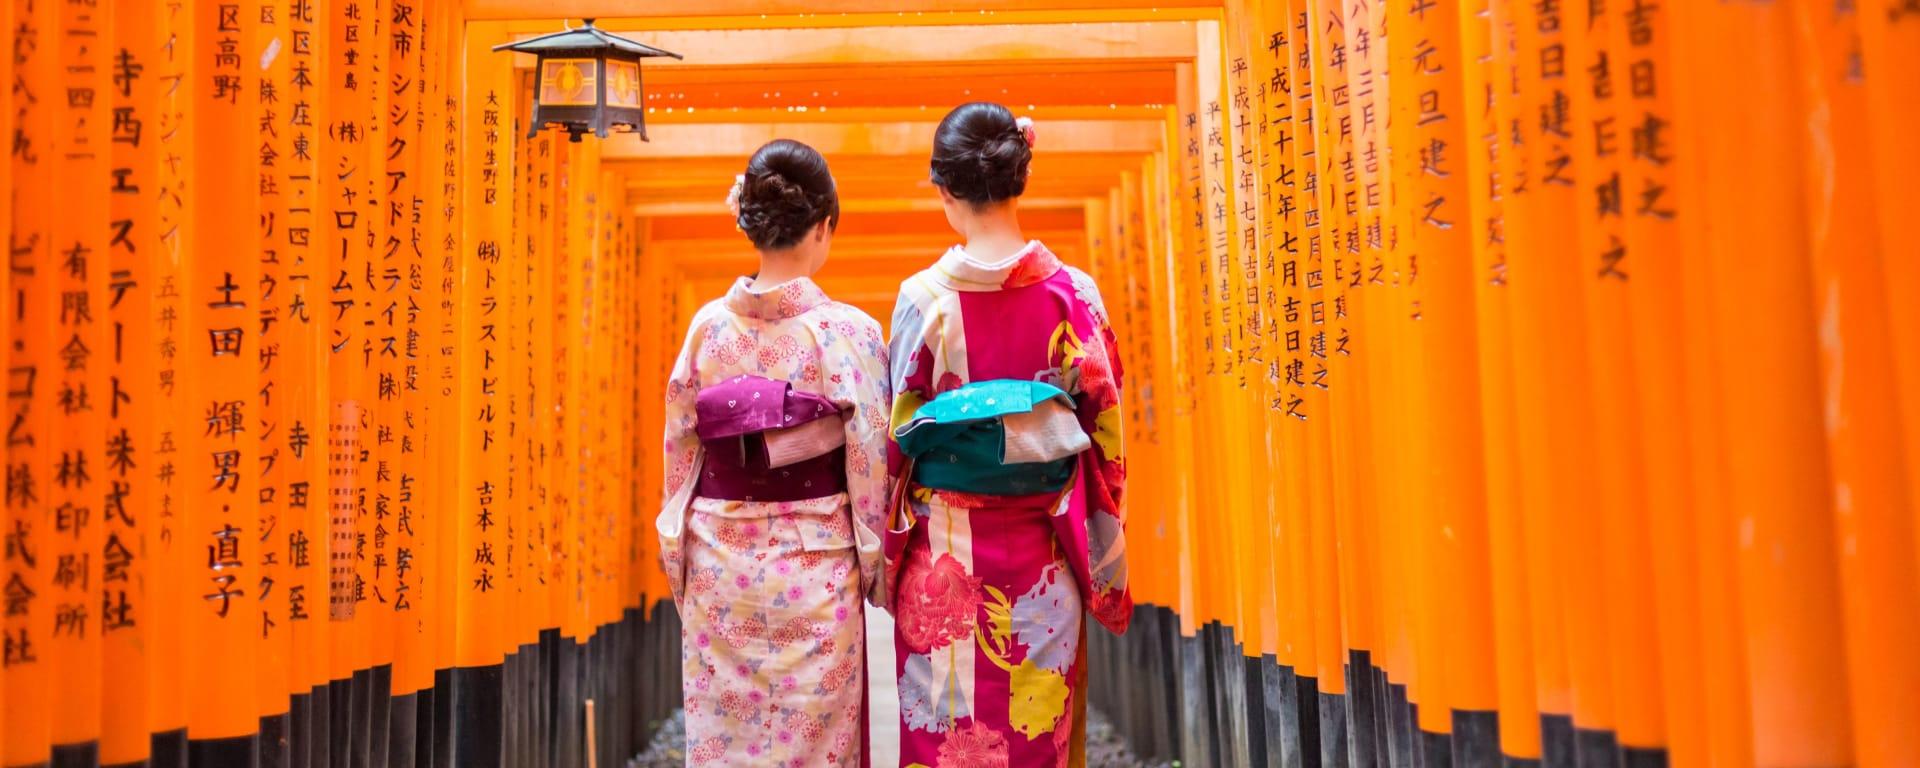 Japan entdecken mit Tischler Reisen: Japan Kyoto Geishas am Fushimi Schrein